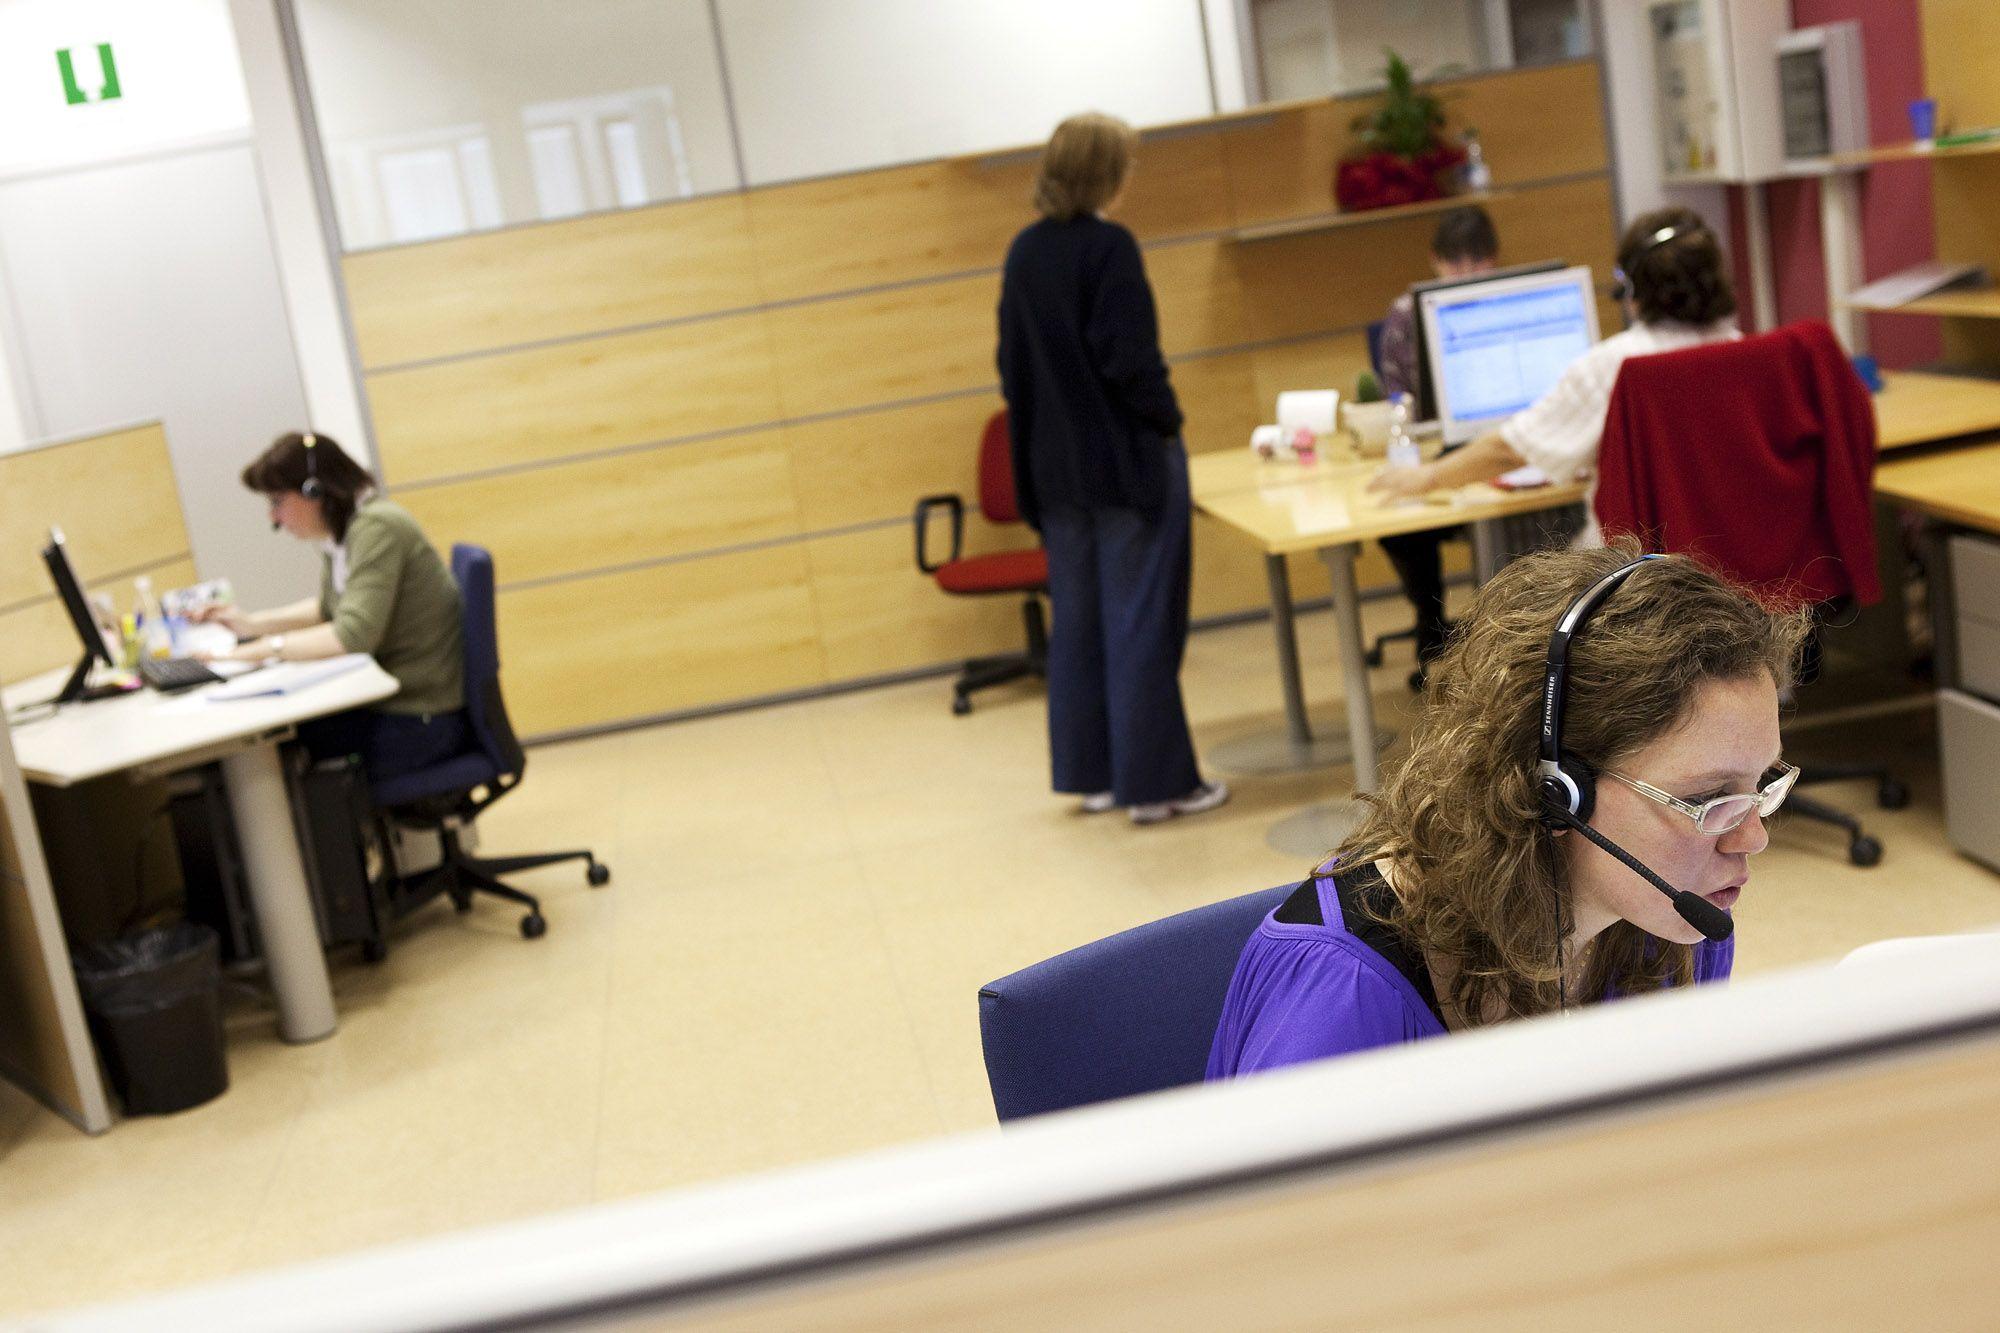 IVREA - 80 posti di lavoro a rischio al Cic: incontro in Regione